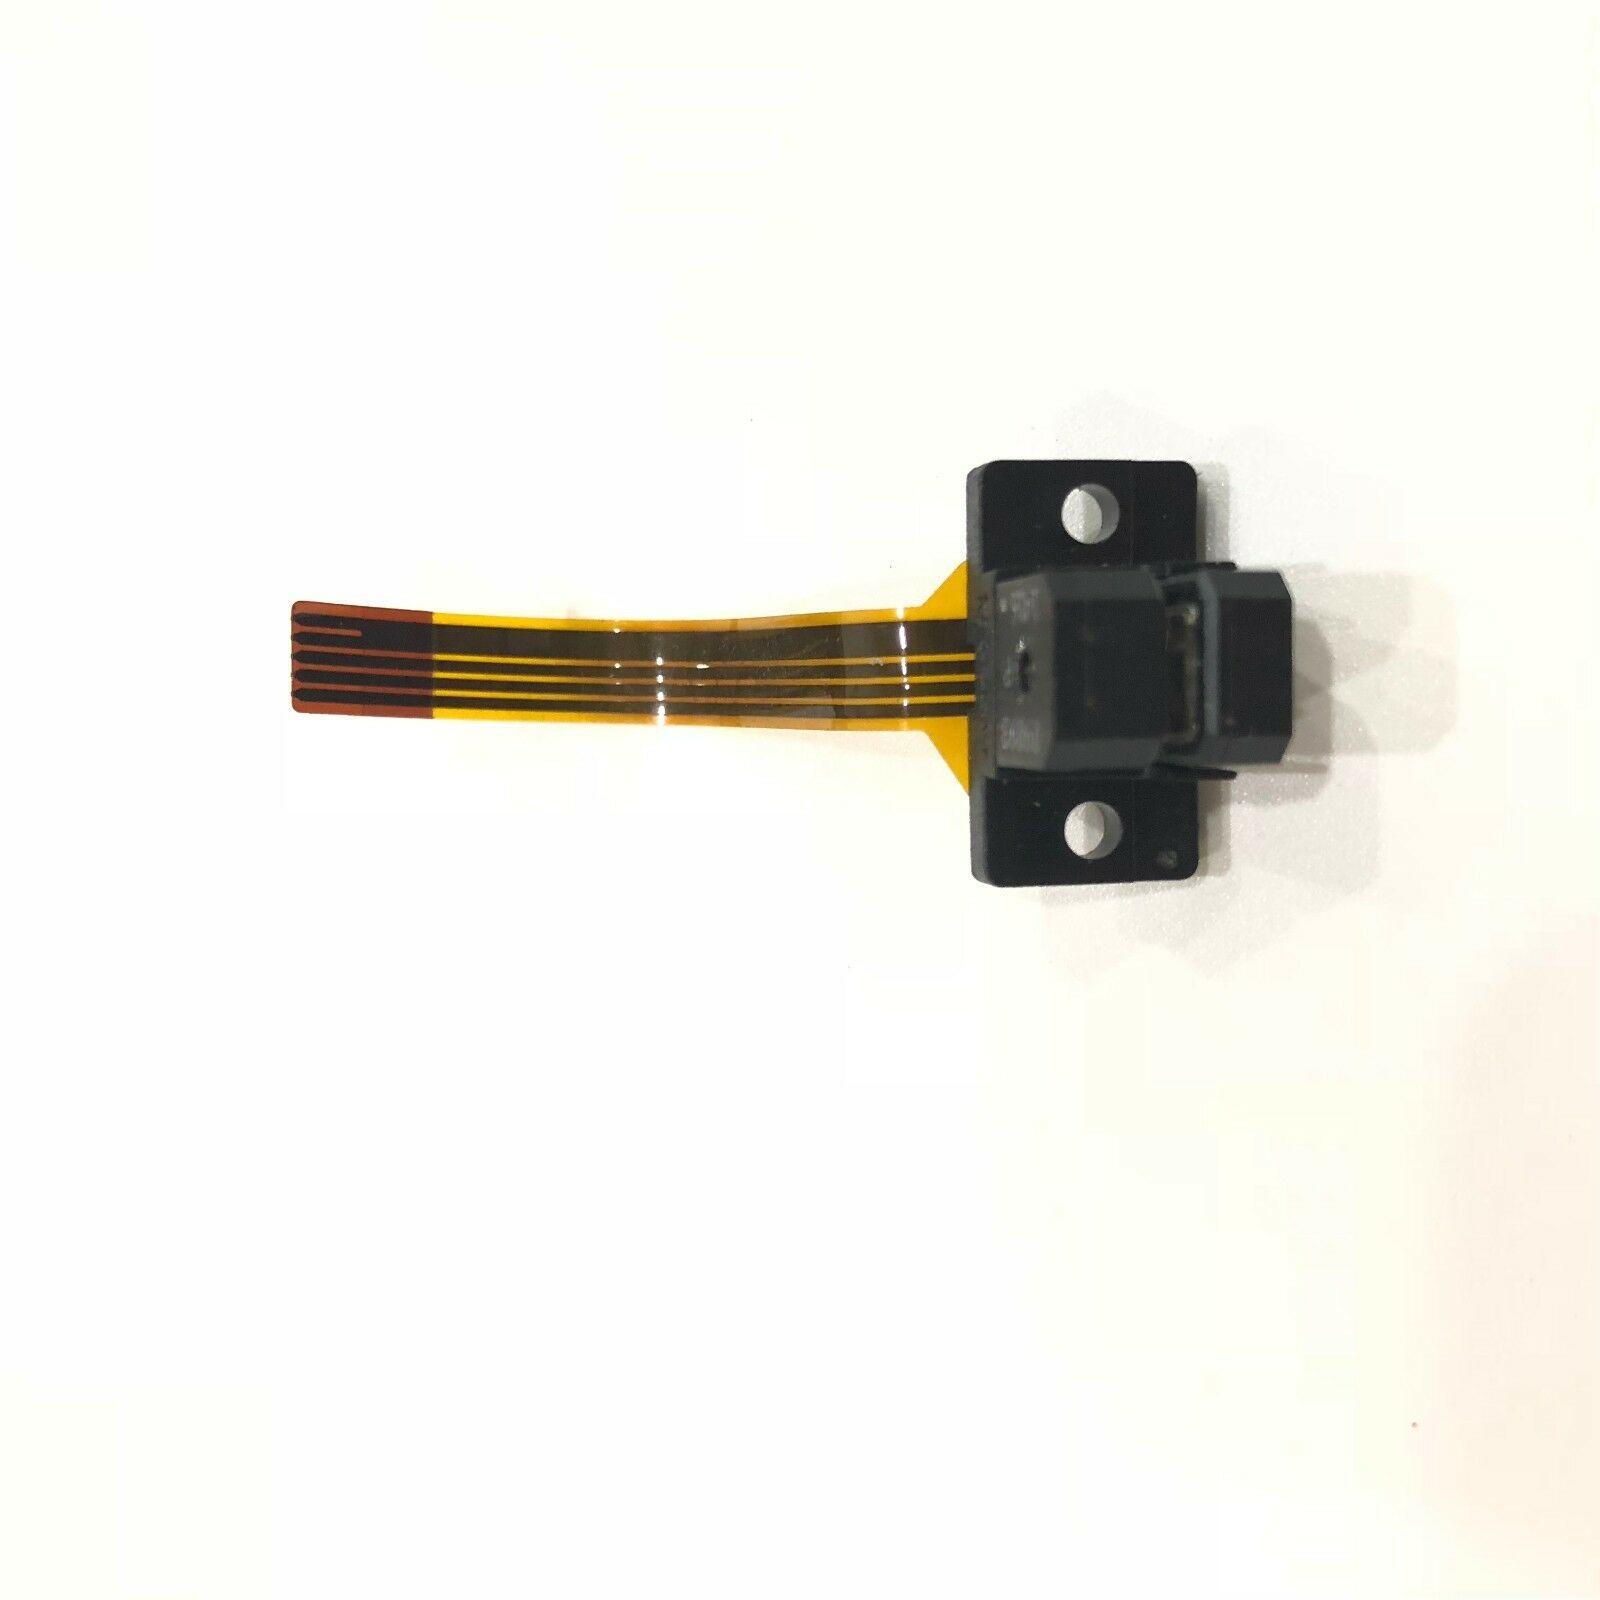 Q6651-60051 Encoder Strip sensor For HP DesignJet D5800